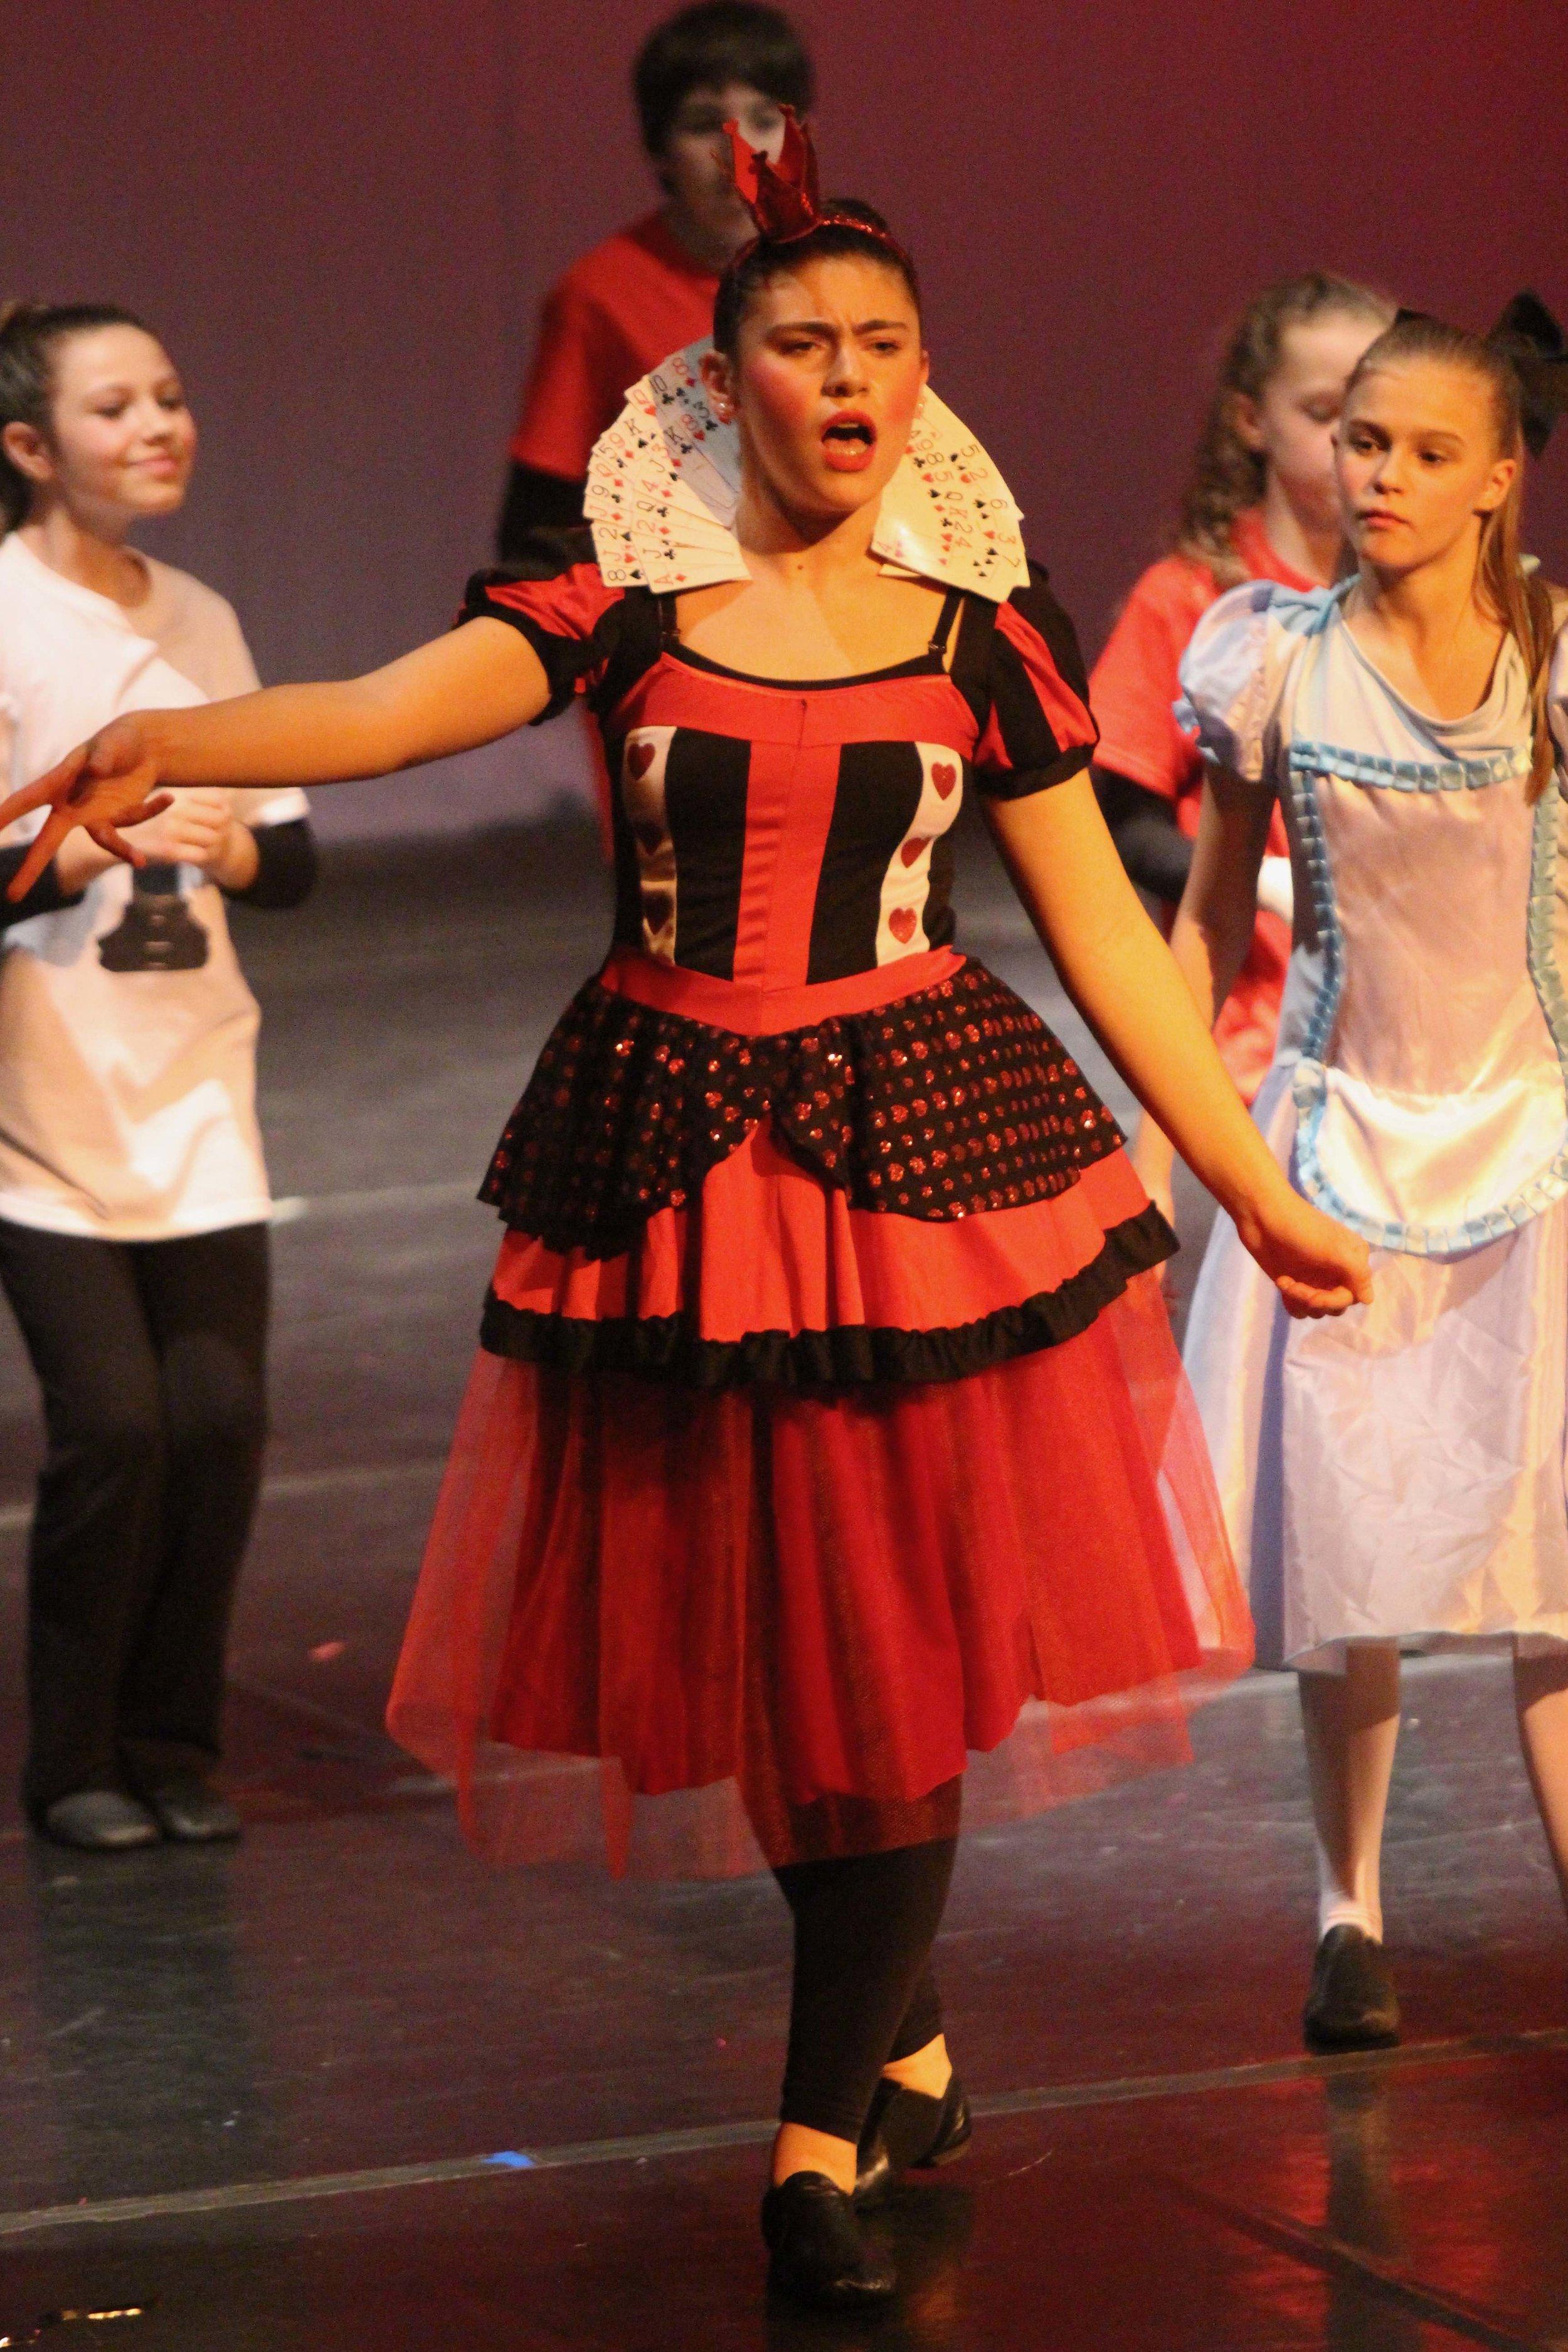 Queen of Hearts, Wonderland